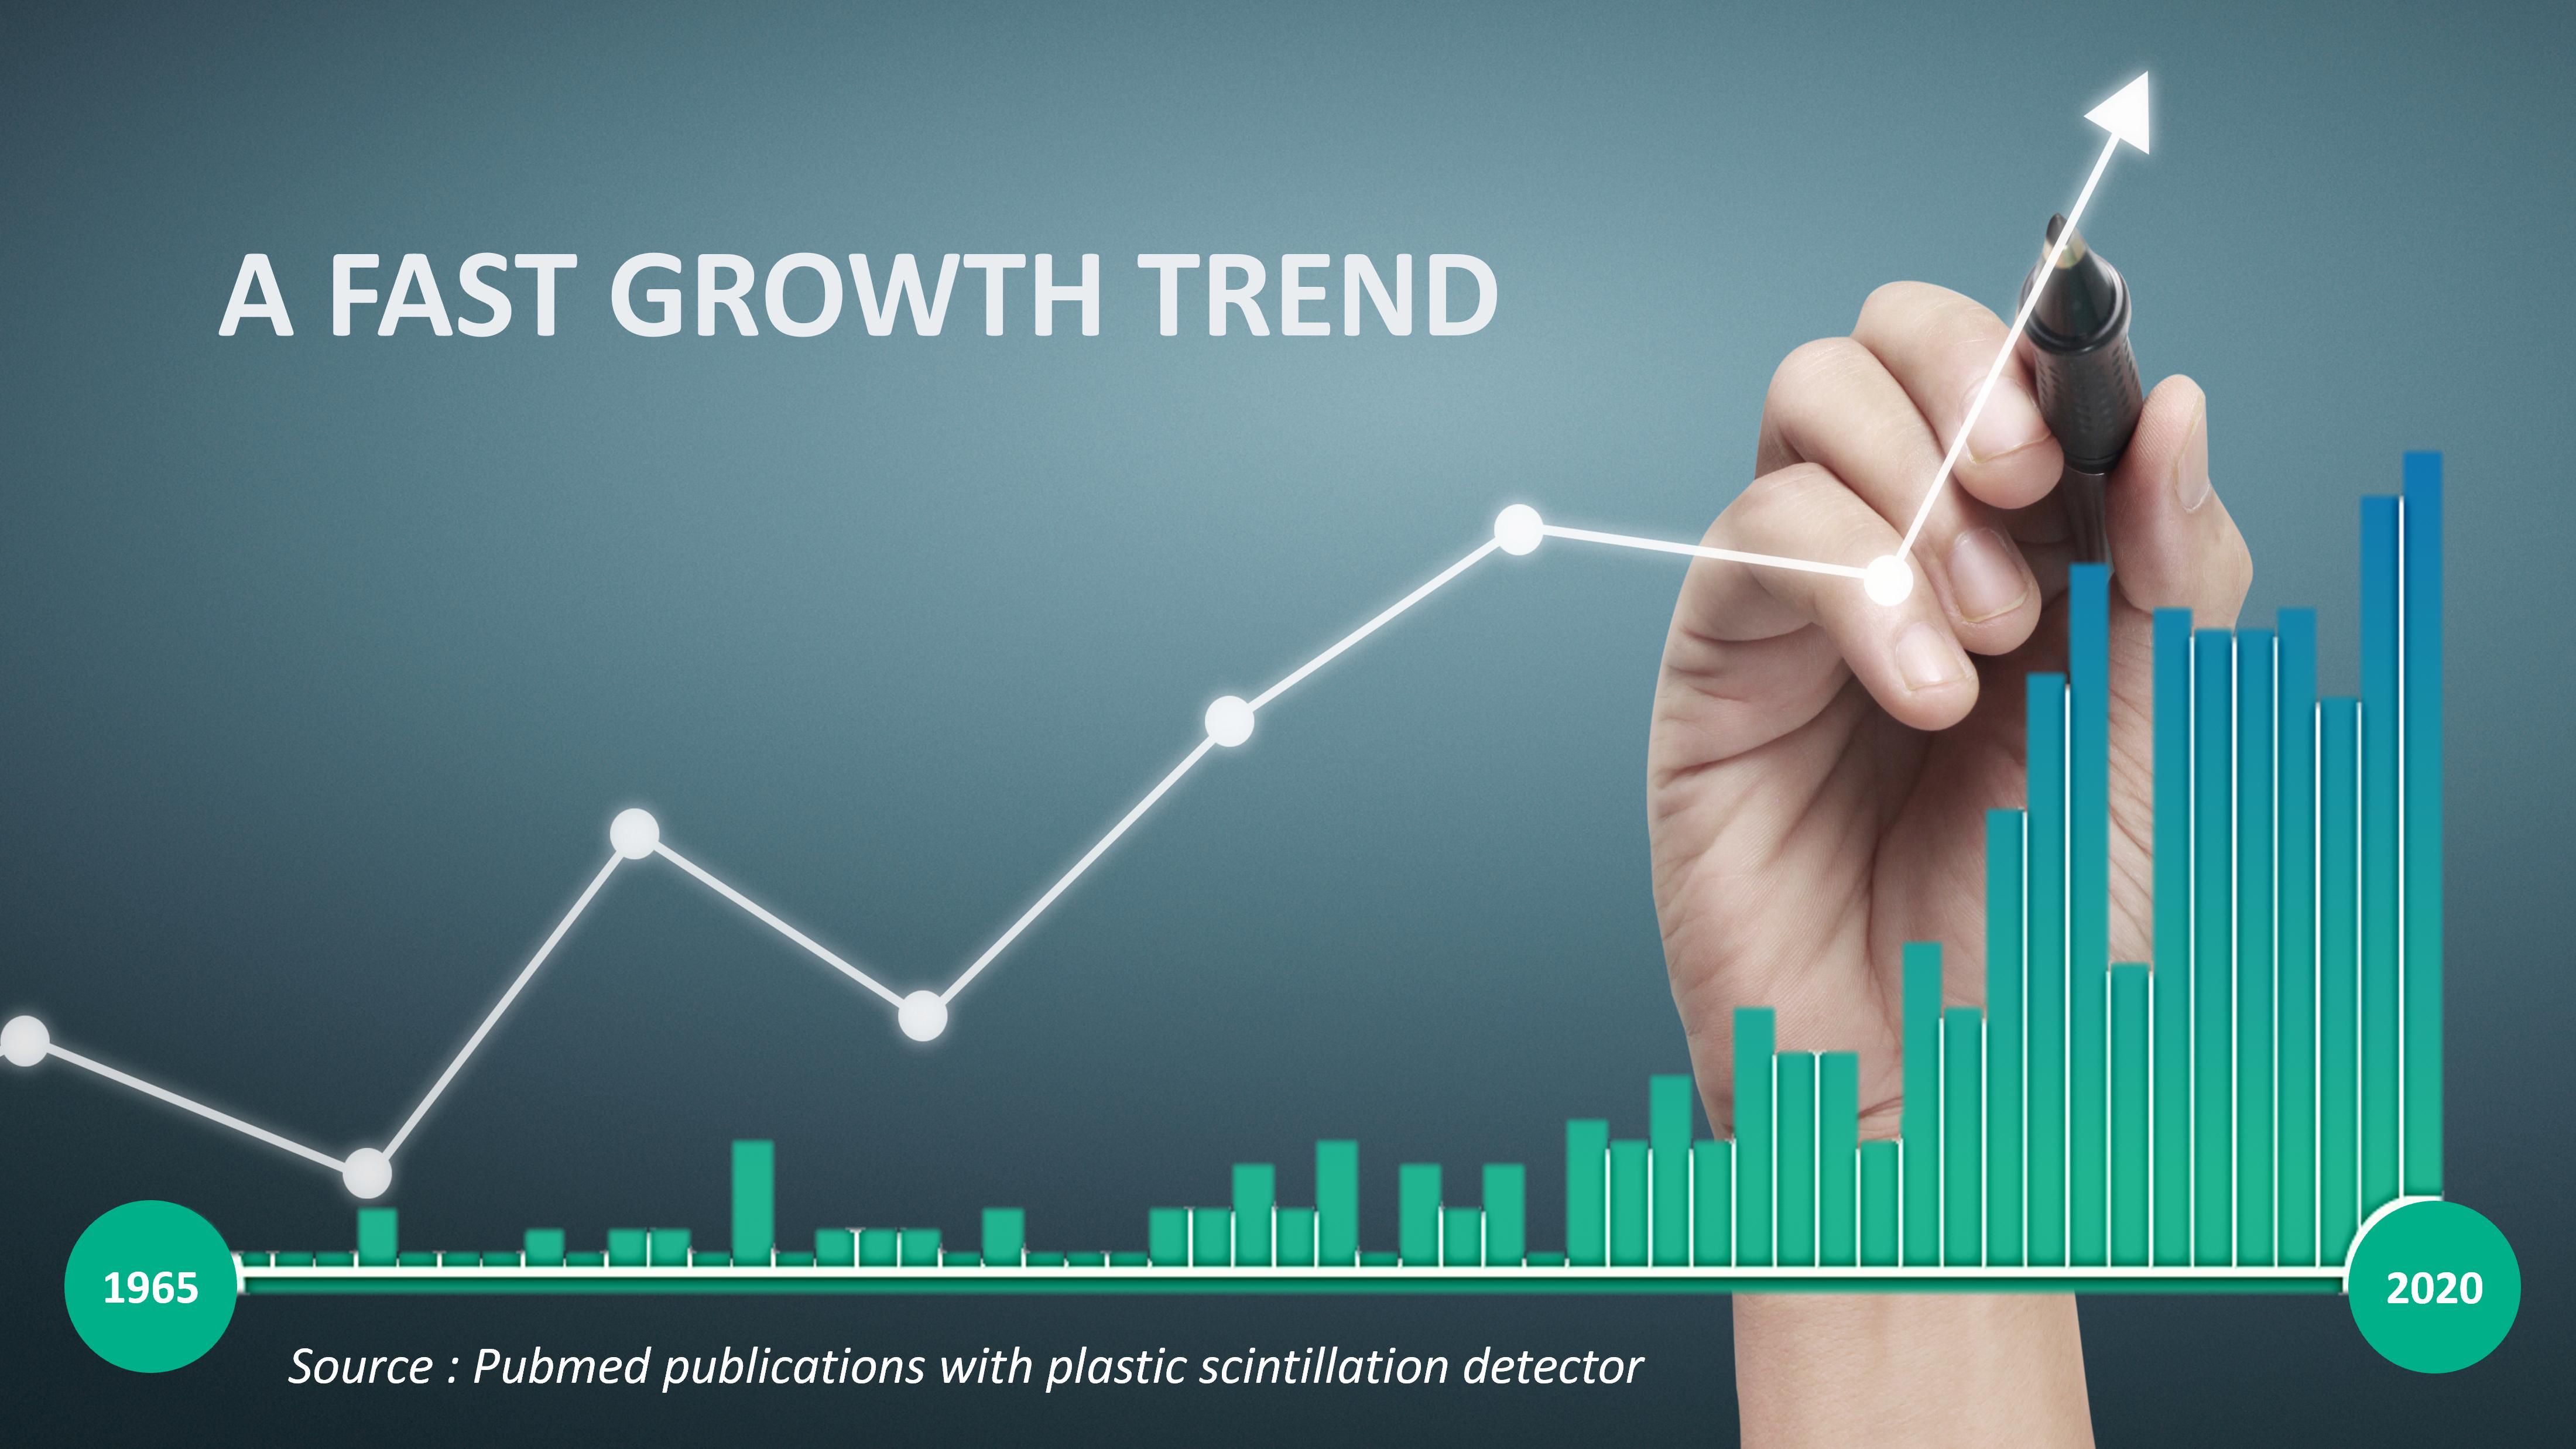 Plastic scintillation detectors publications at Pubmed